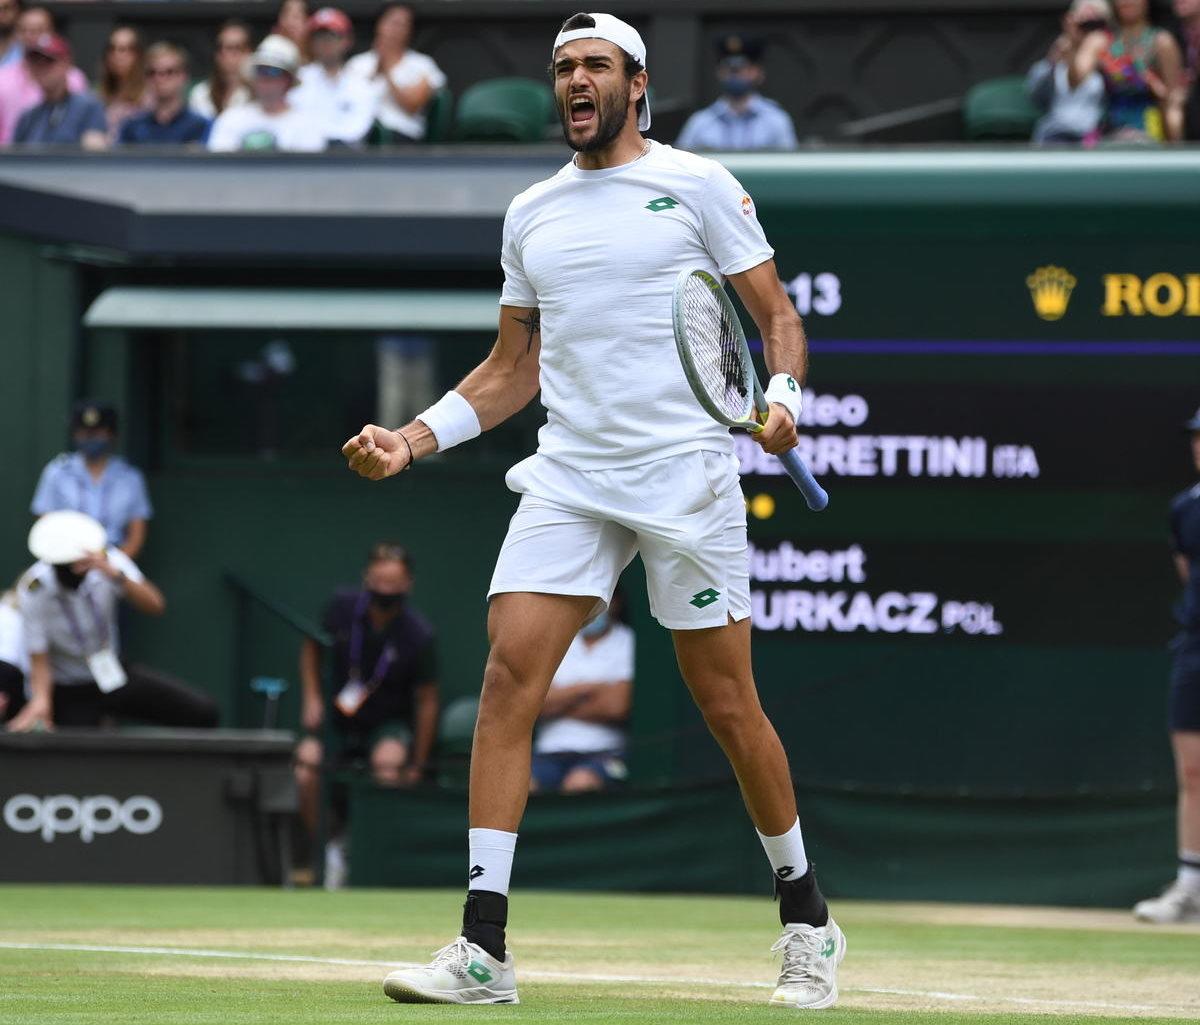 Due finali per l'Italia a Londra: inizia Berrettini che tenterà di aggiudicarsi il torneo di Wimbledon, primo italiano di sempre